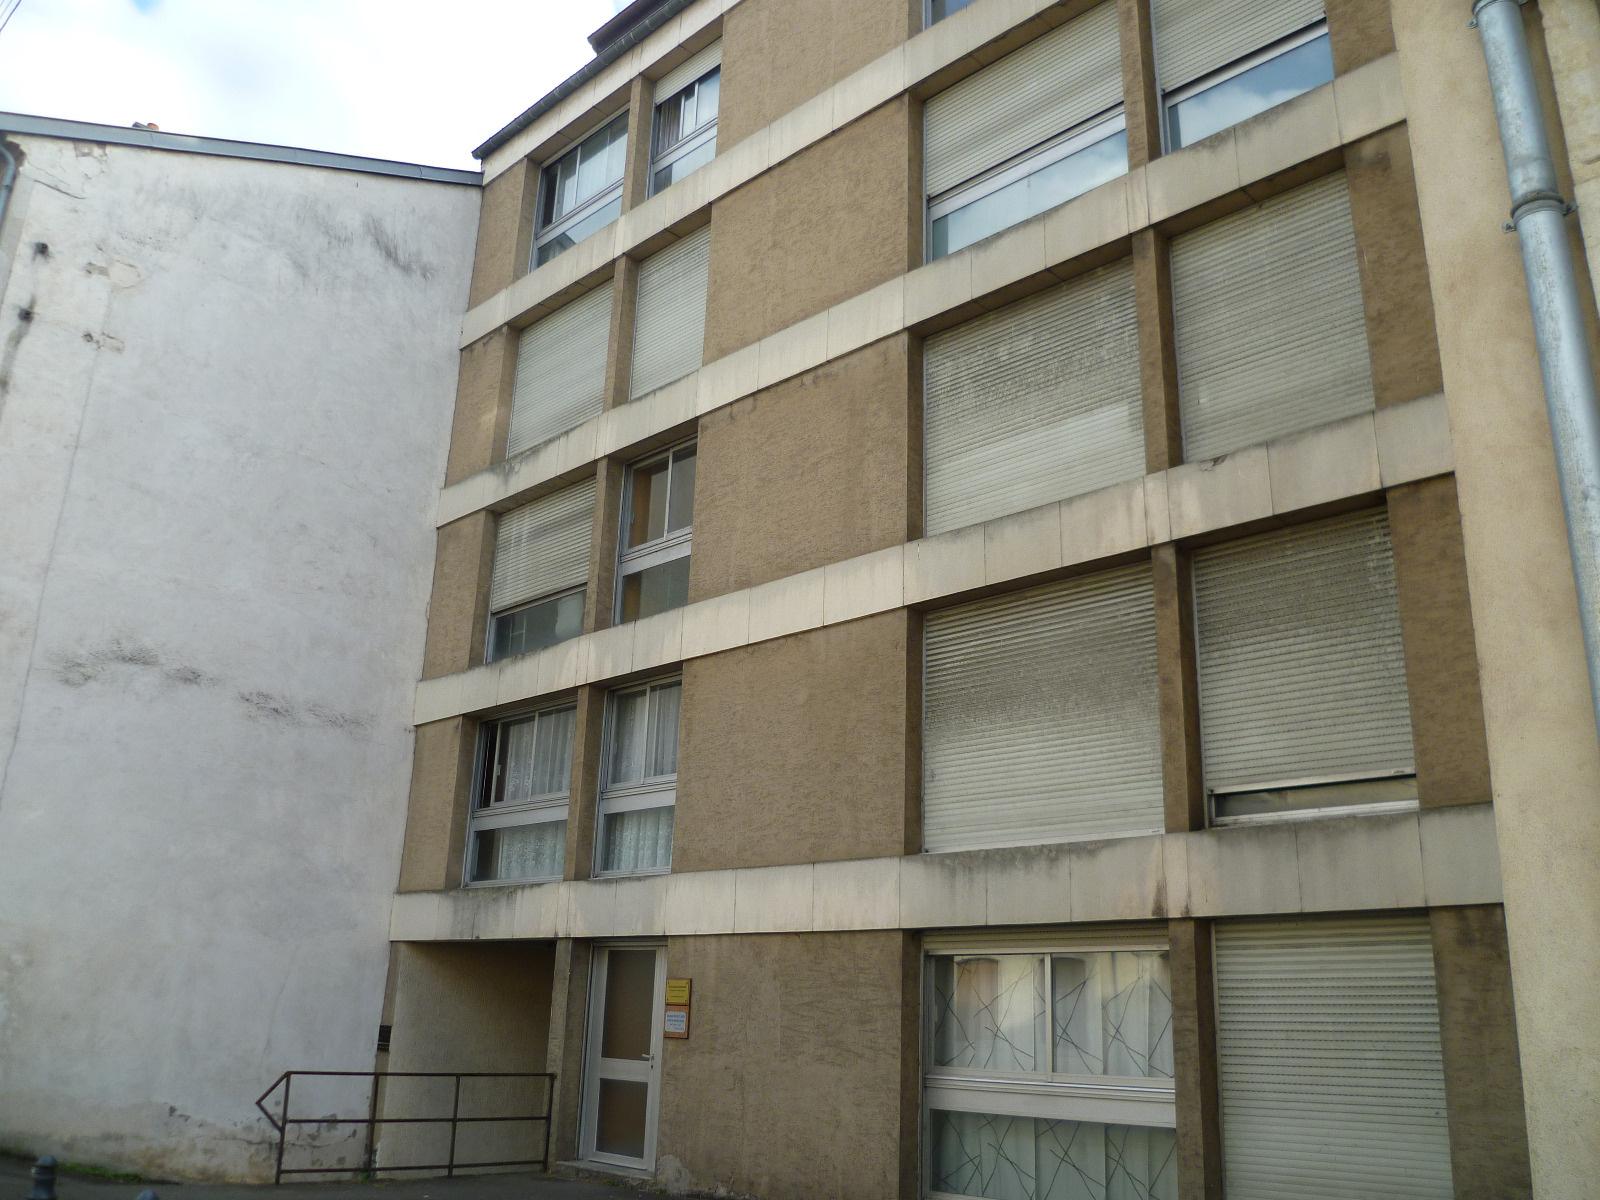 Vente appartement st nicolas de port - Bouko immobilier saint nicolas de port ...